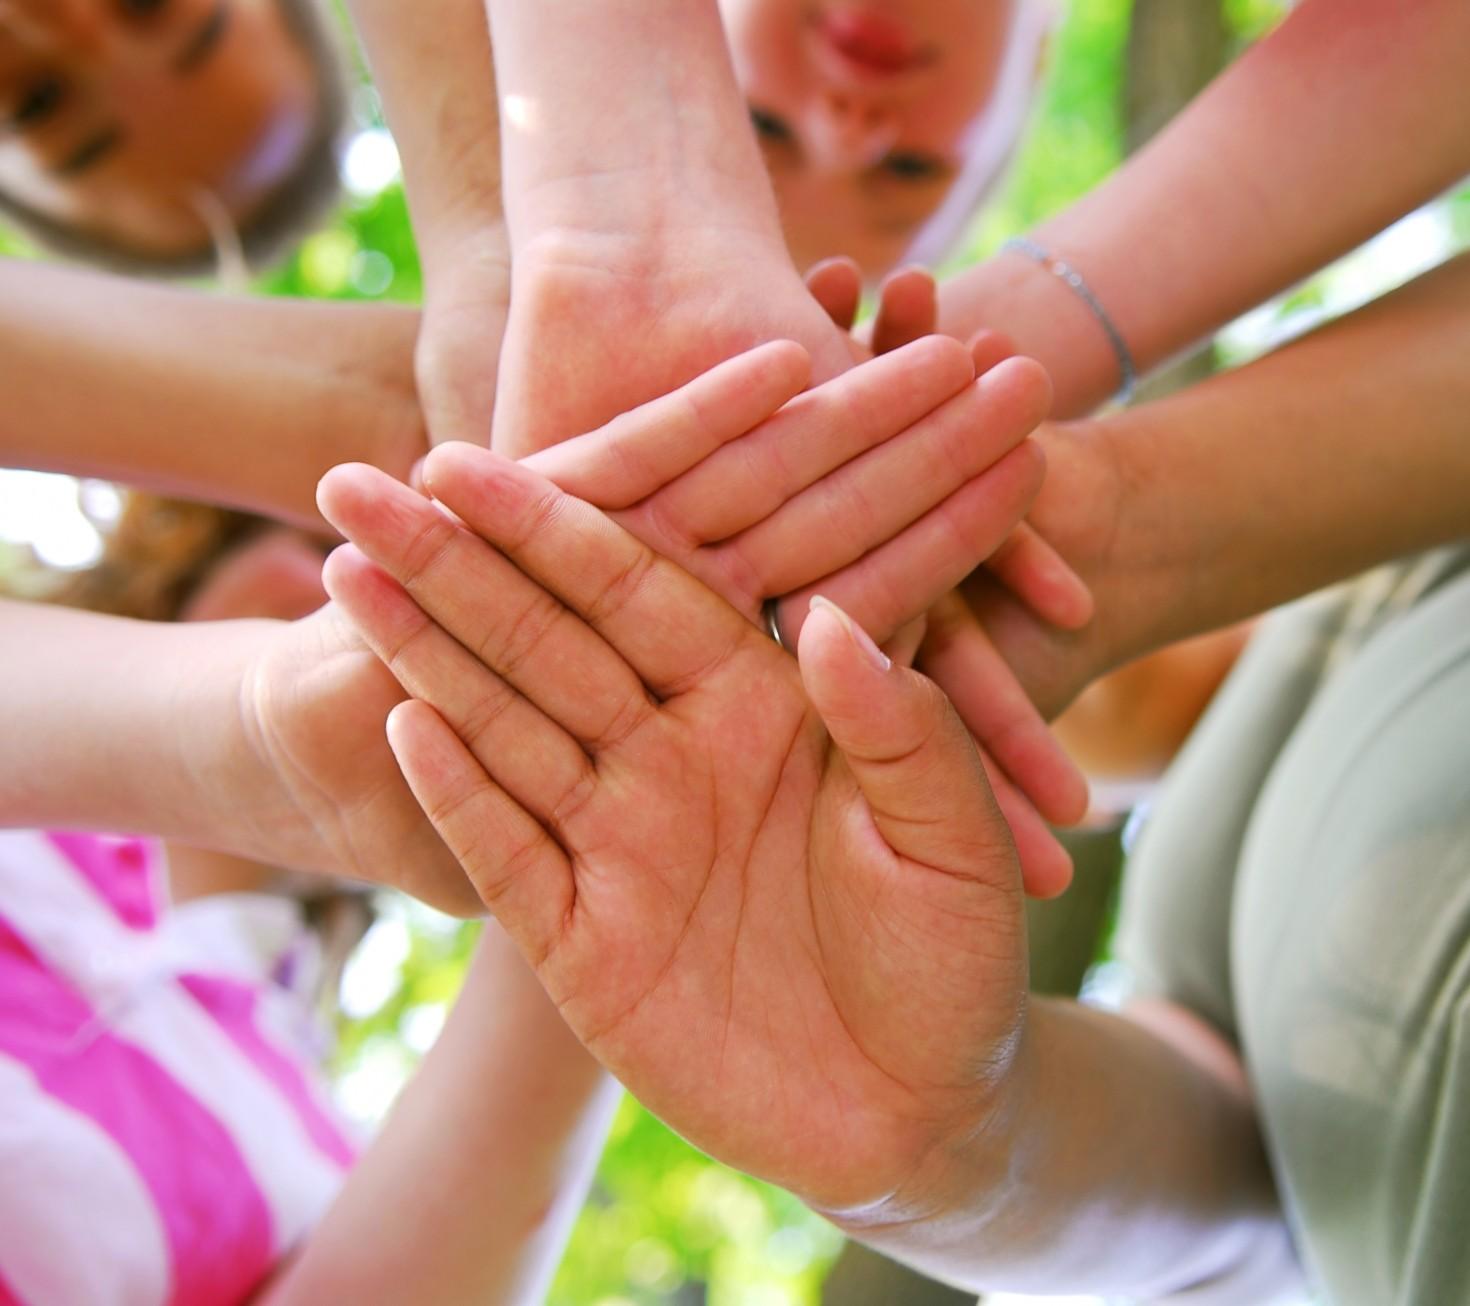 Nachbarschaftshilfe bringt Menschen zusammen